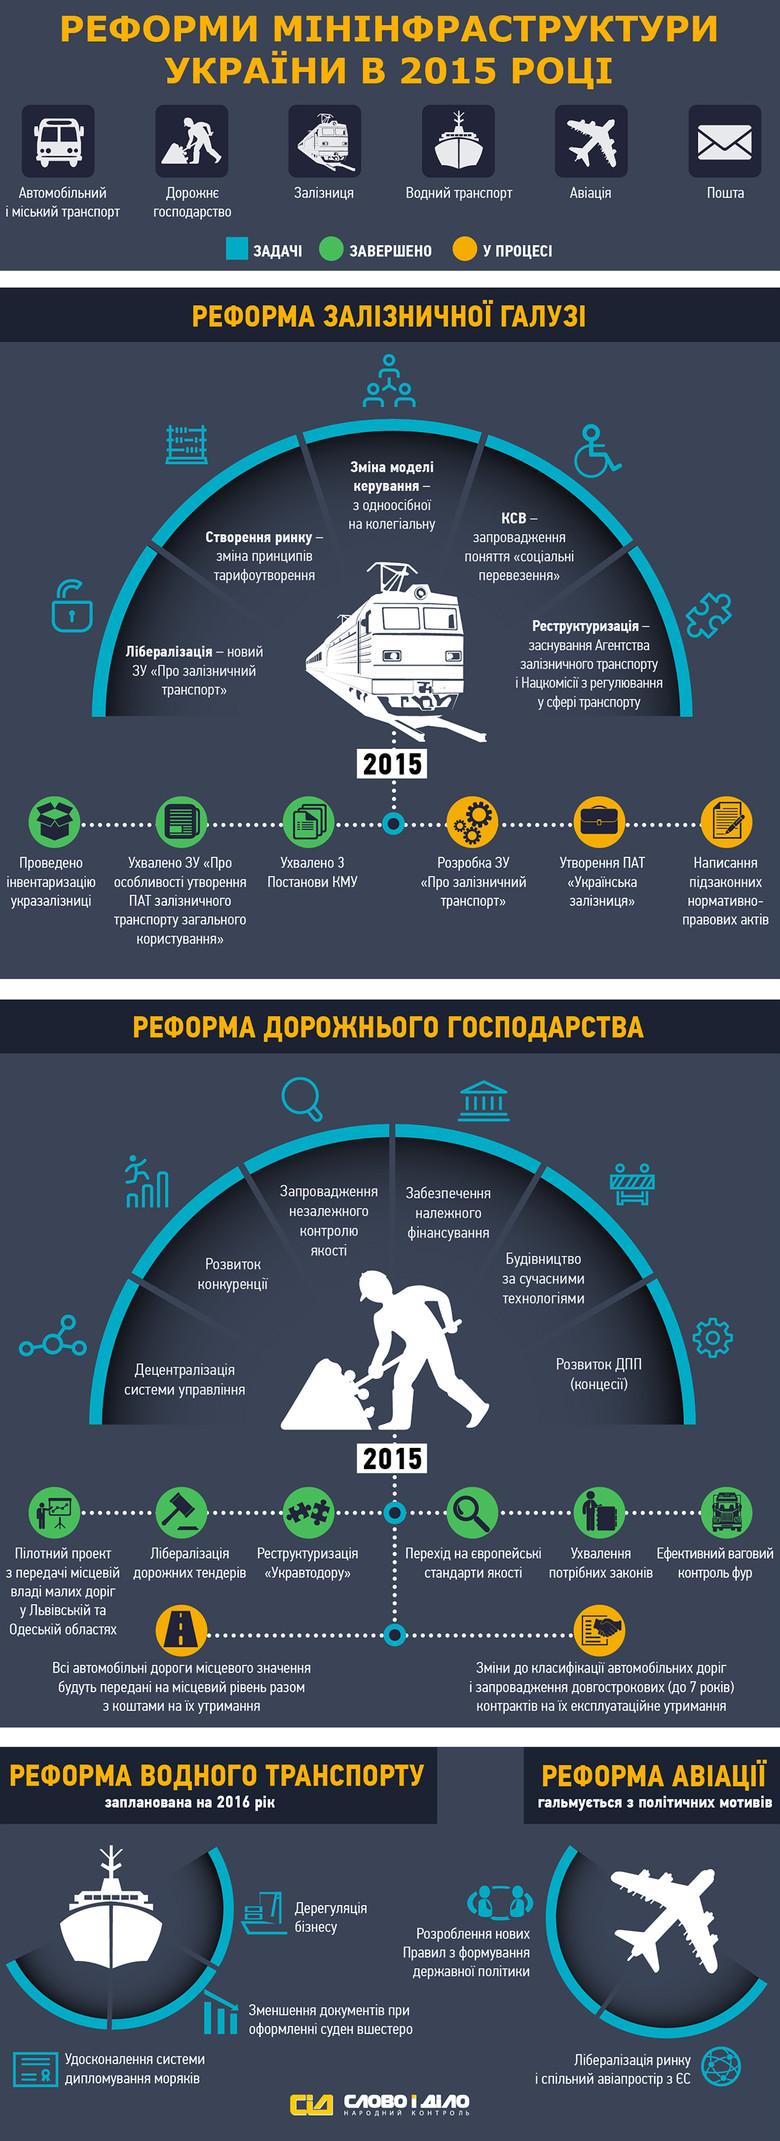 «Слово і Діло» до річниці Кабінету міністрів України вирішило проаналізувати, що було зроблено за цей час Міністерством інфраструктури.